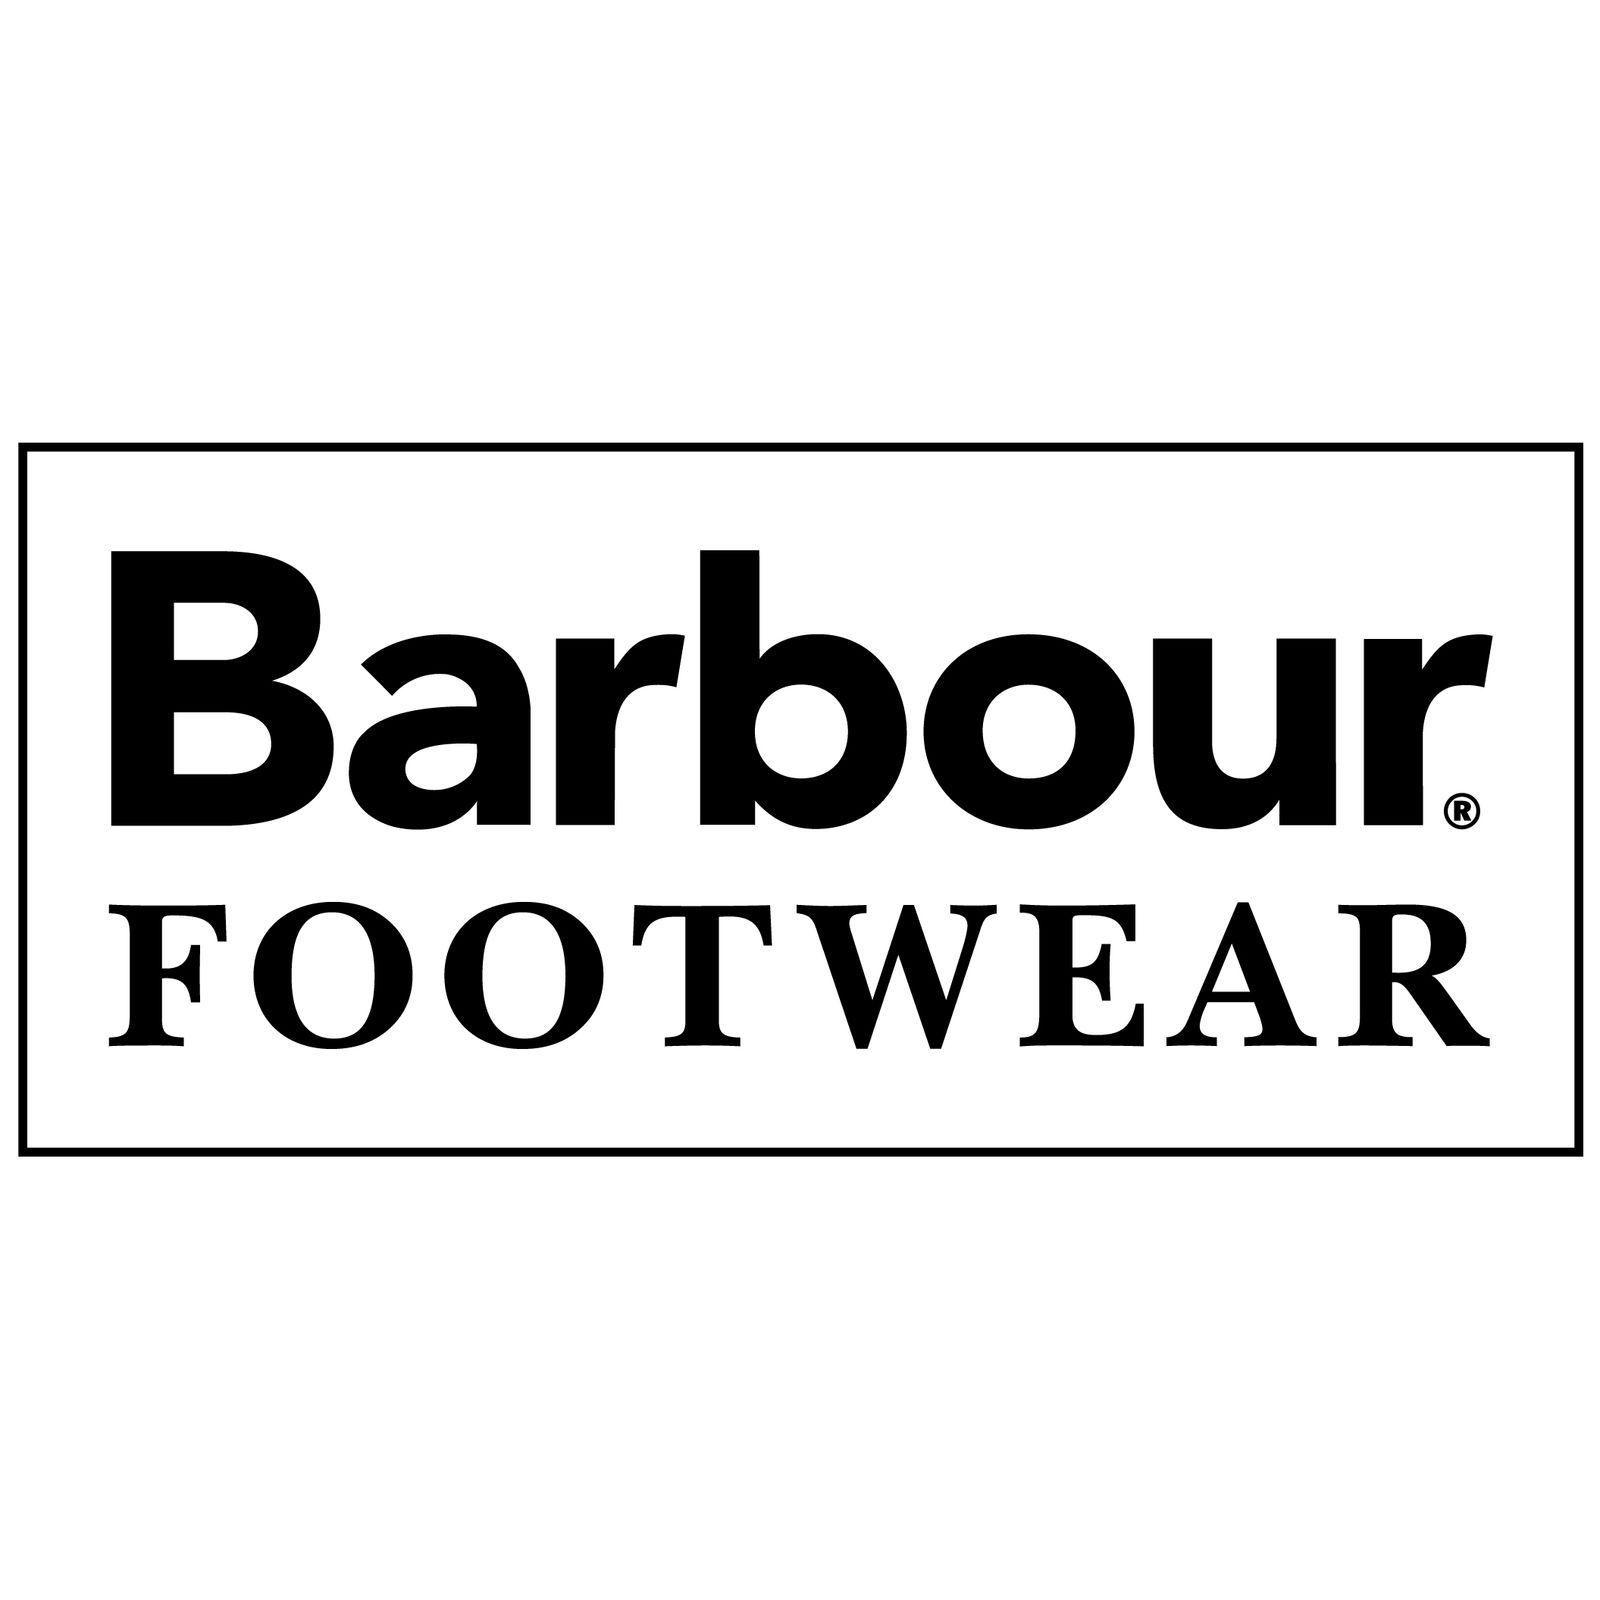 Barbour Footwear (Bild 1)